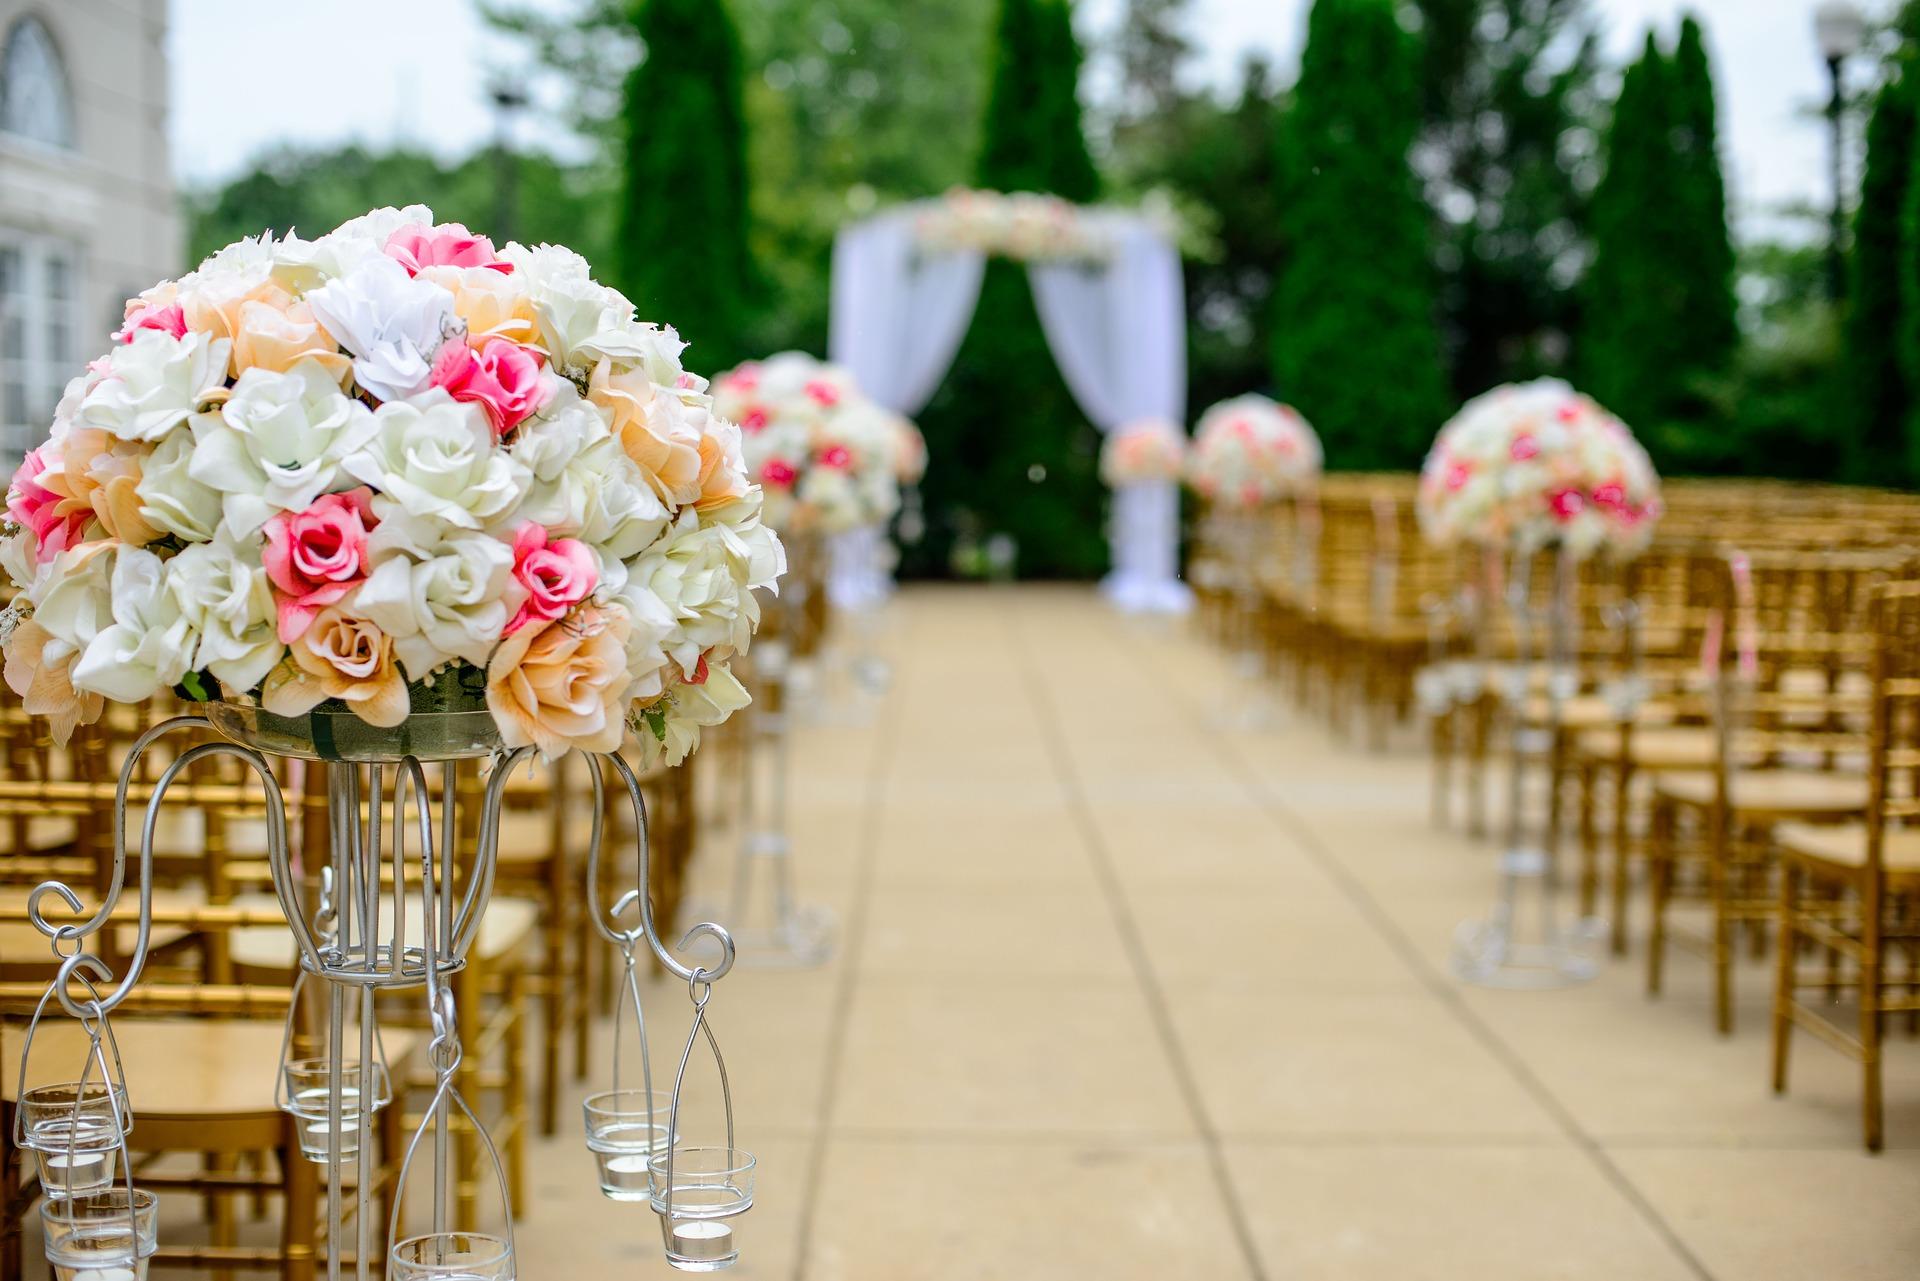 bunga, pernikahan, kursi, langit, tirai, pohon